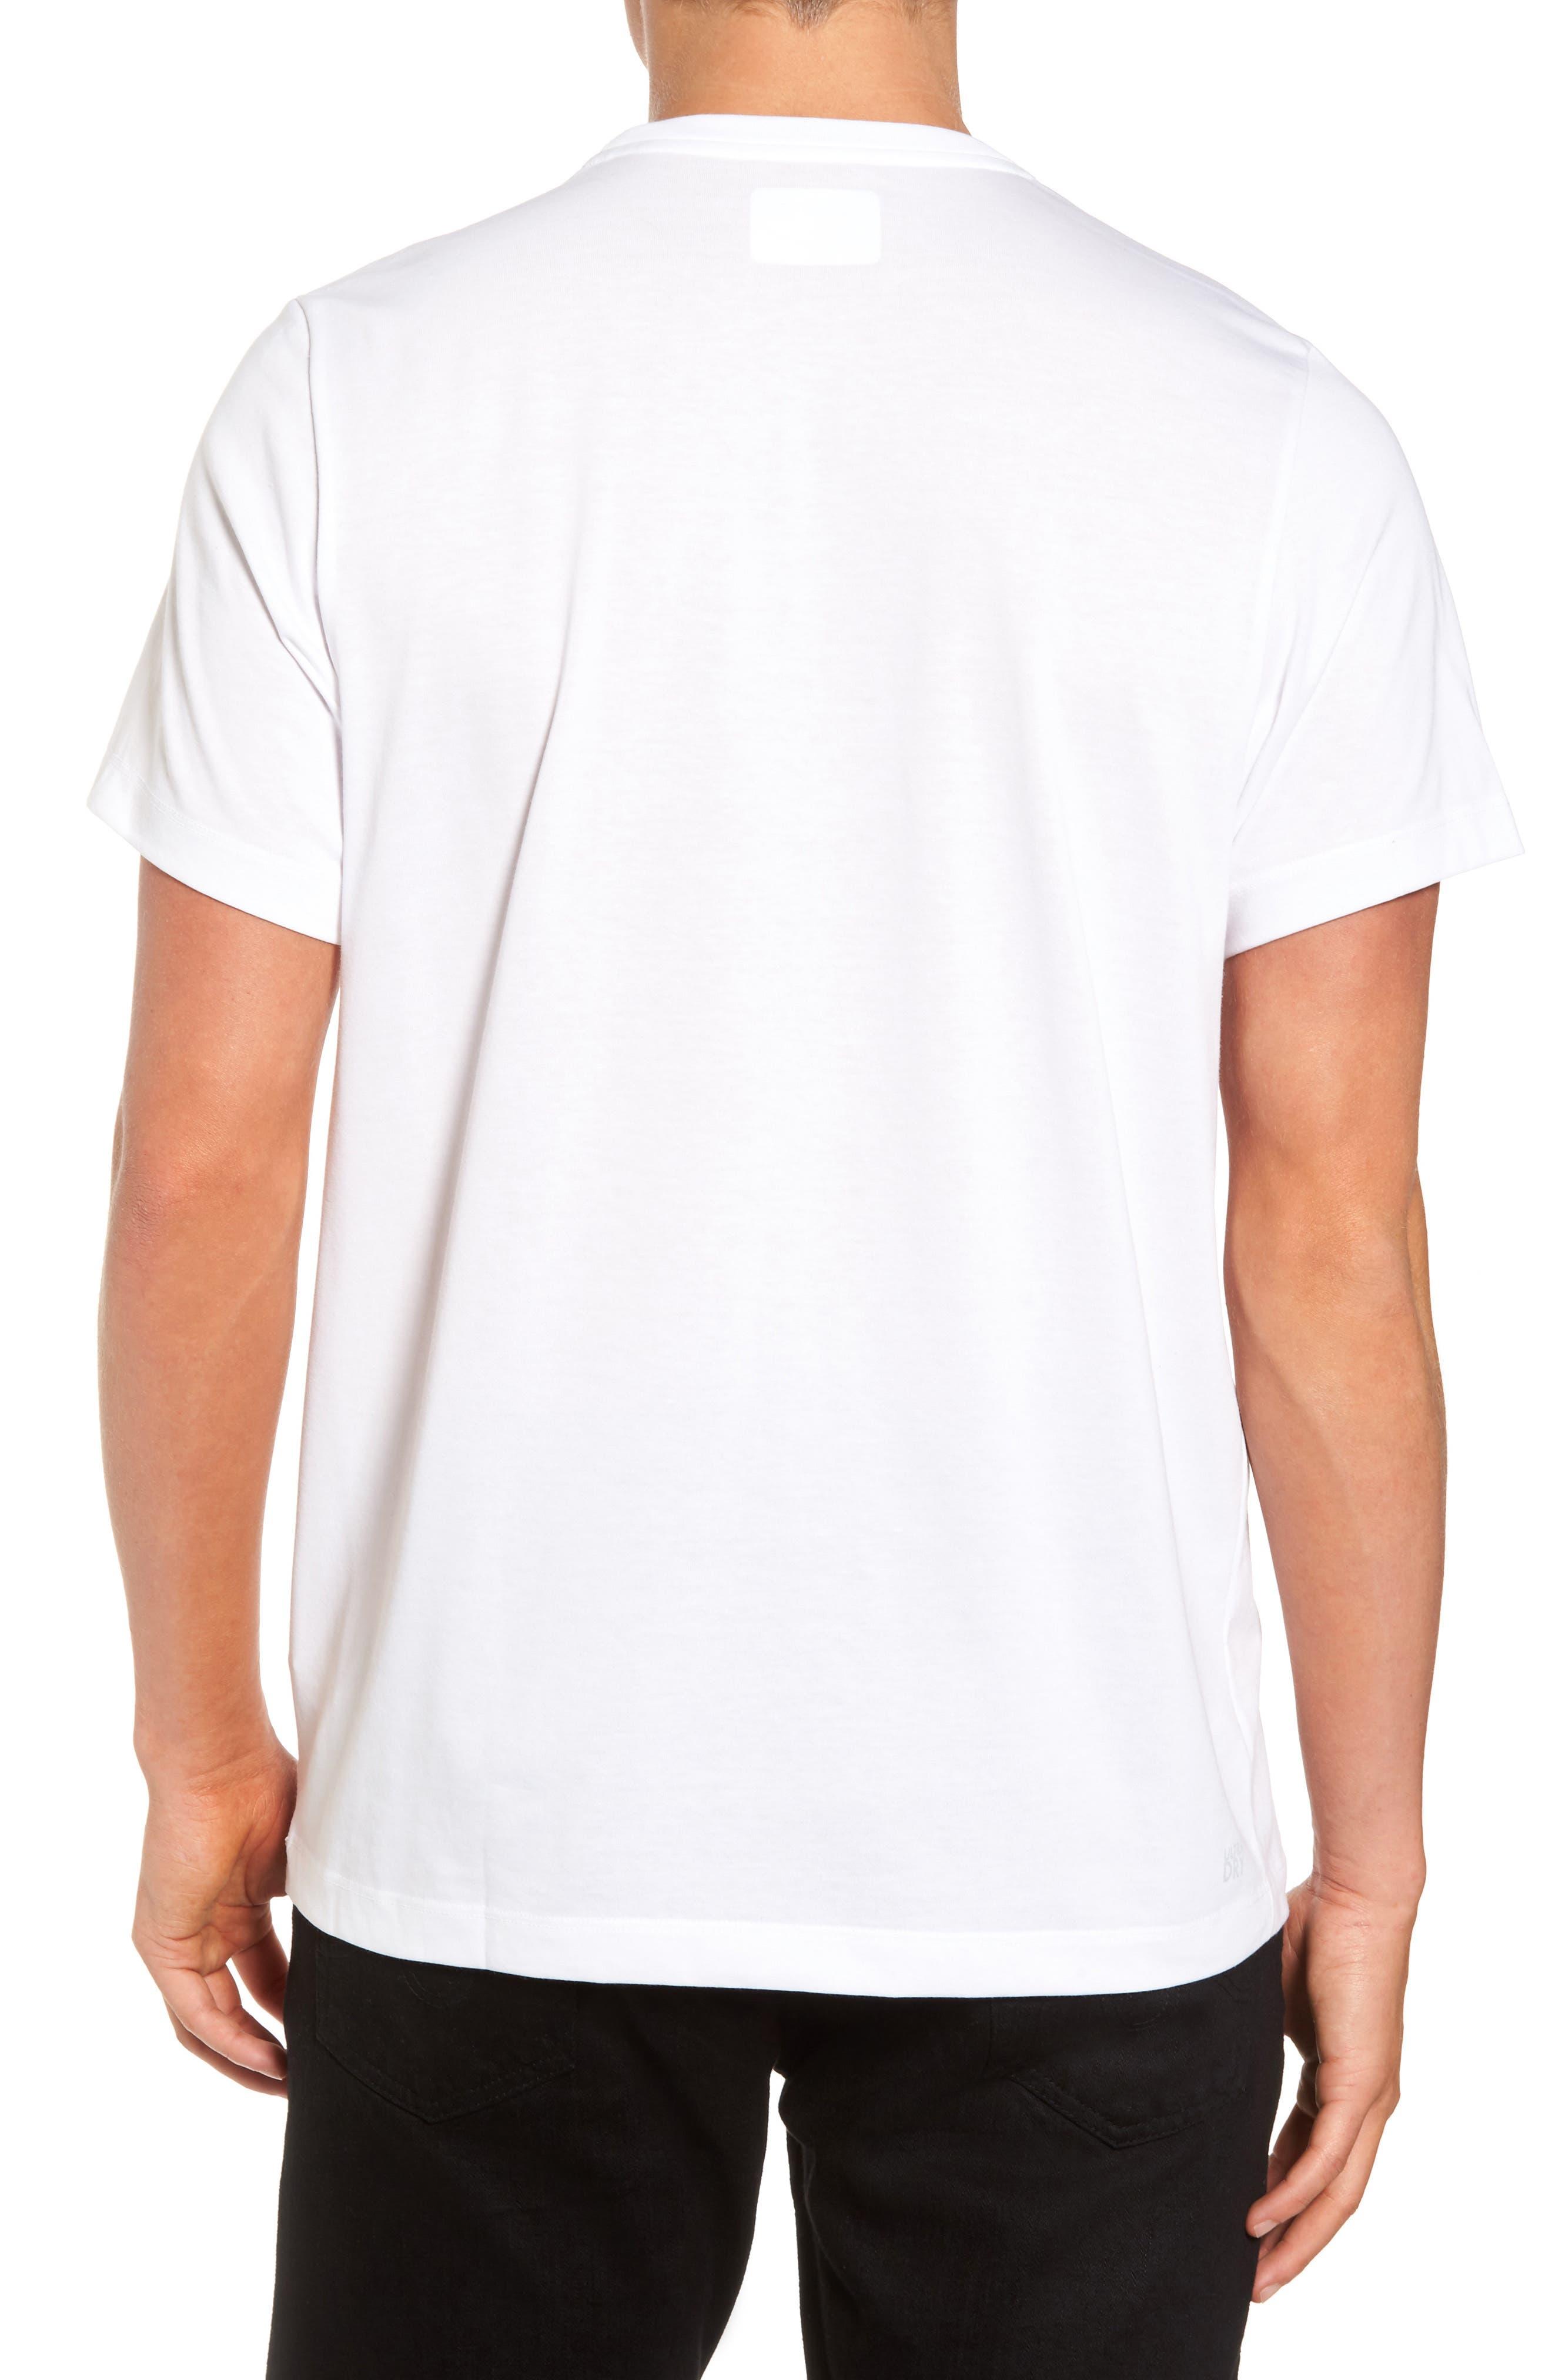 Tech Vertical Stripe Graphic T-Shirt,                             Alternate thumbnail 5, color,